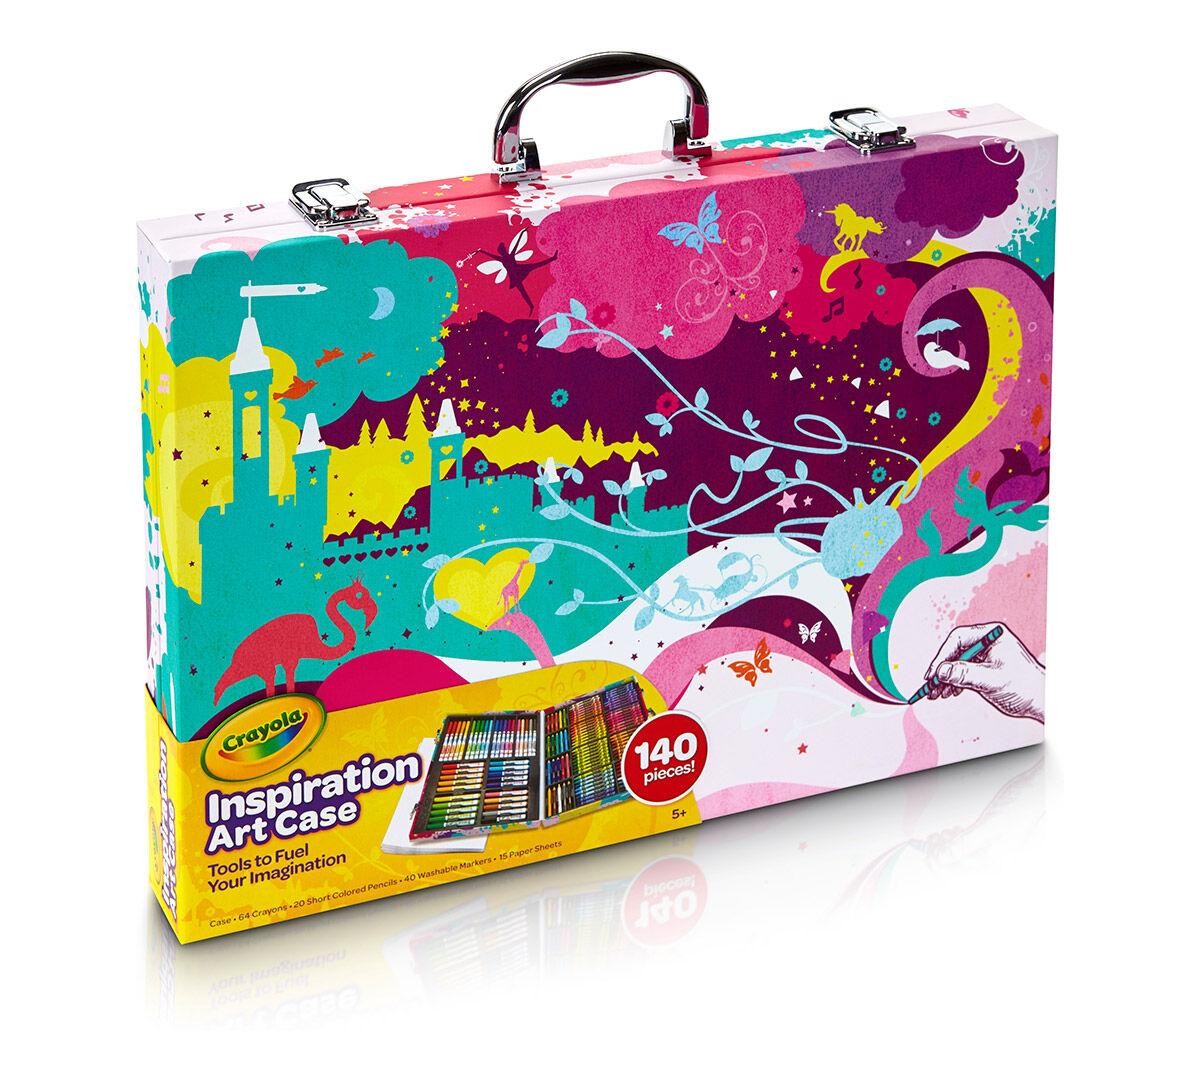 crayola art case set in pink